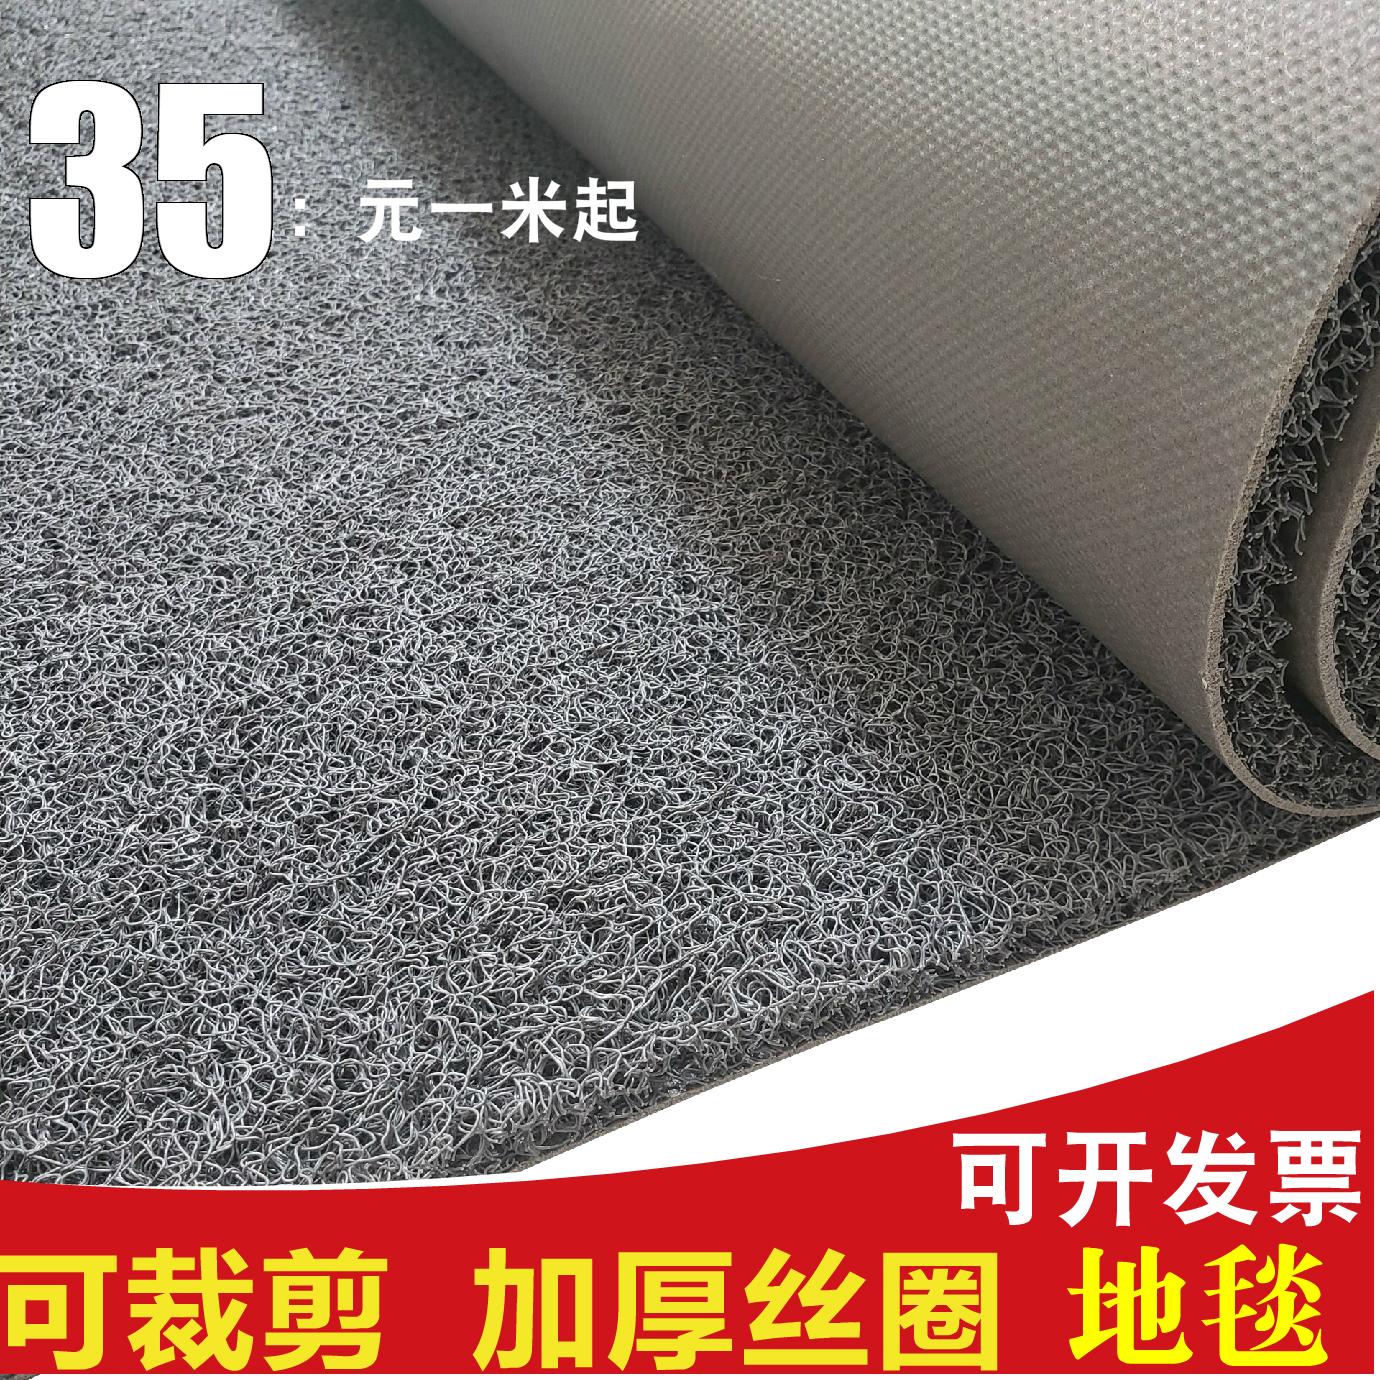 PVCプラスチックじゅうたんのシルクパッキンのフロアマット/室外の防水ドアの入り口に入るマットは裁断できます。